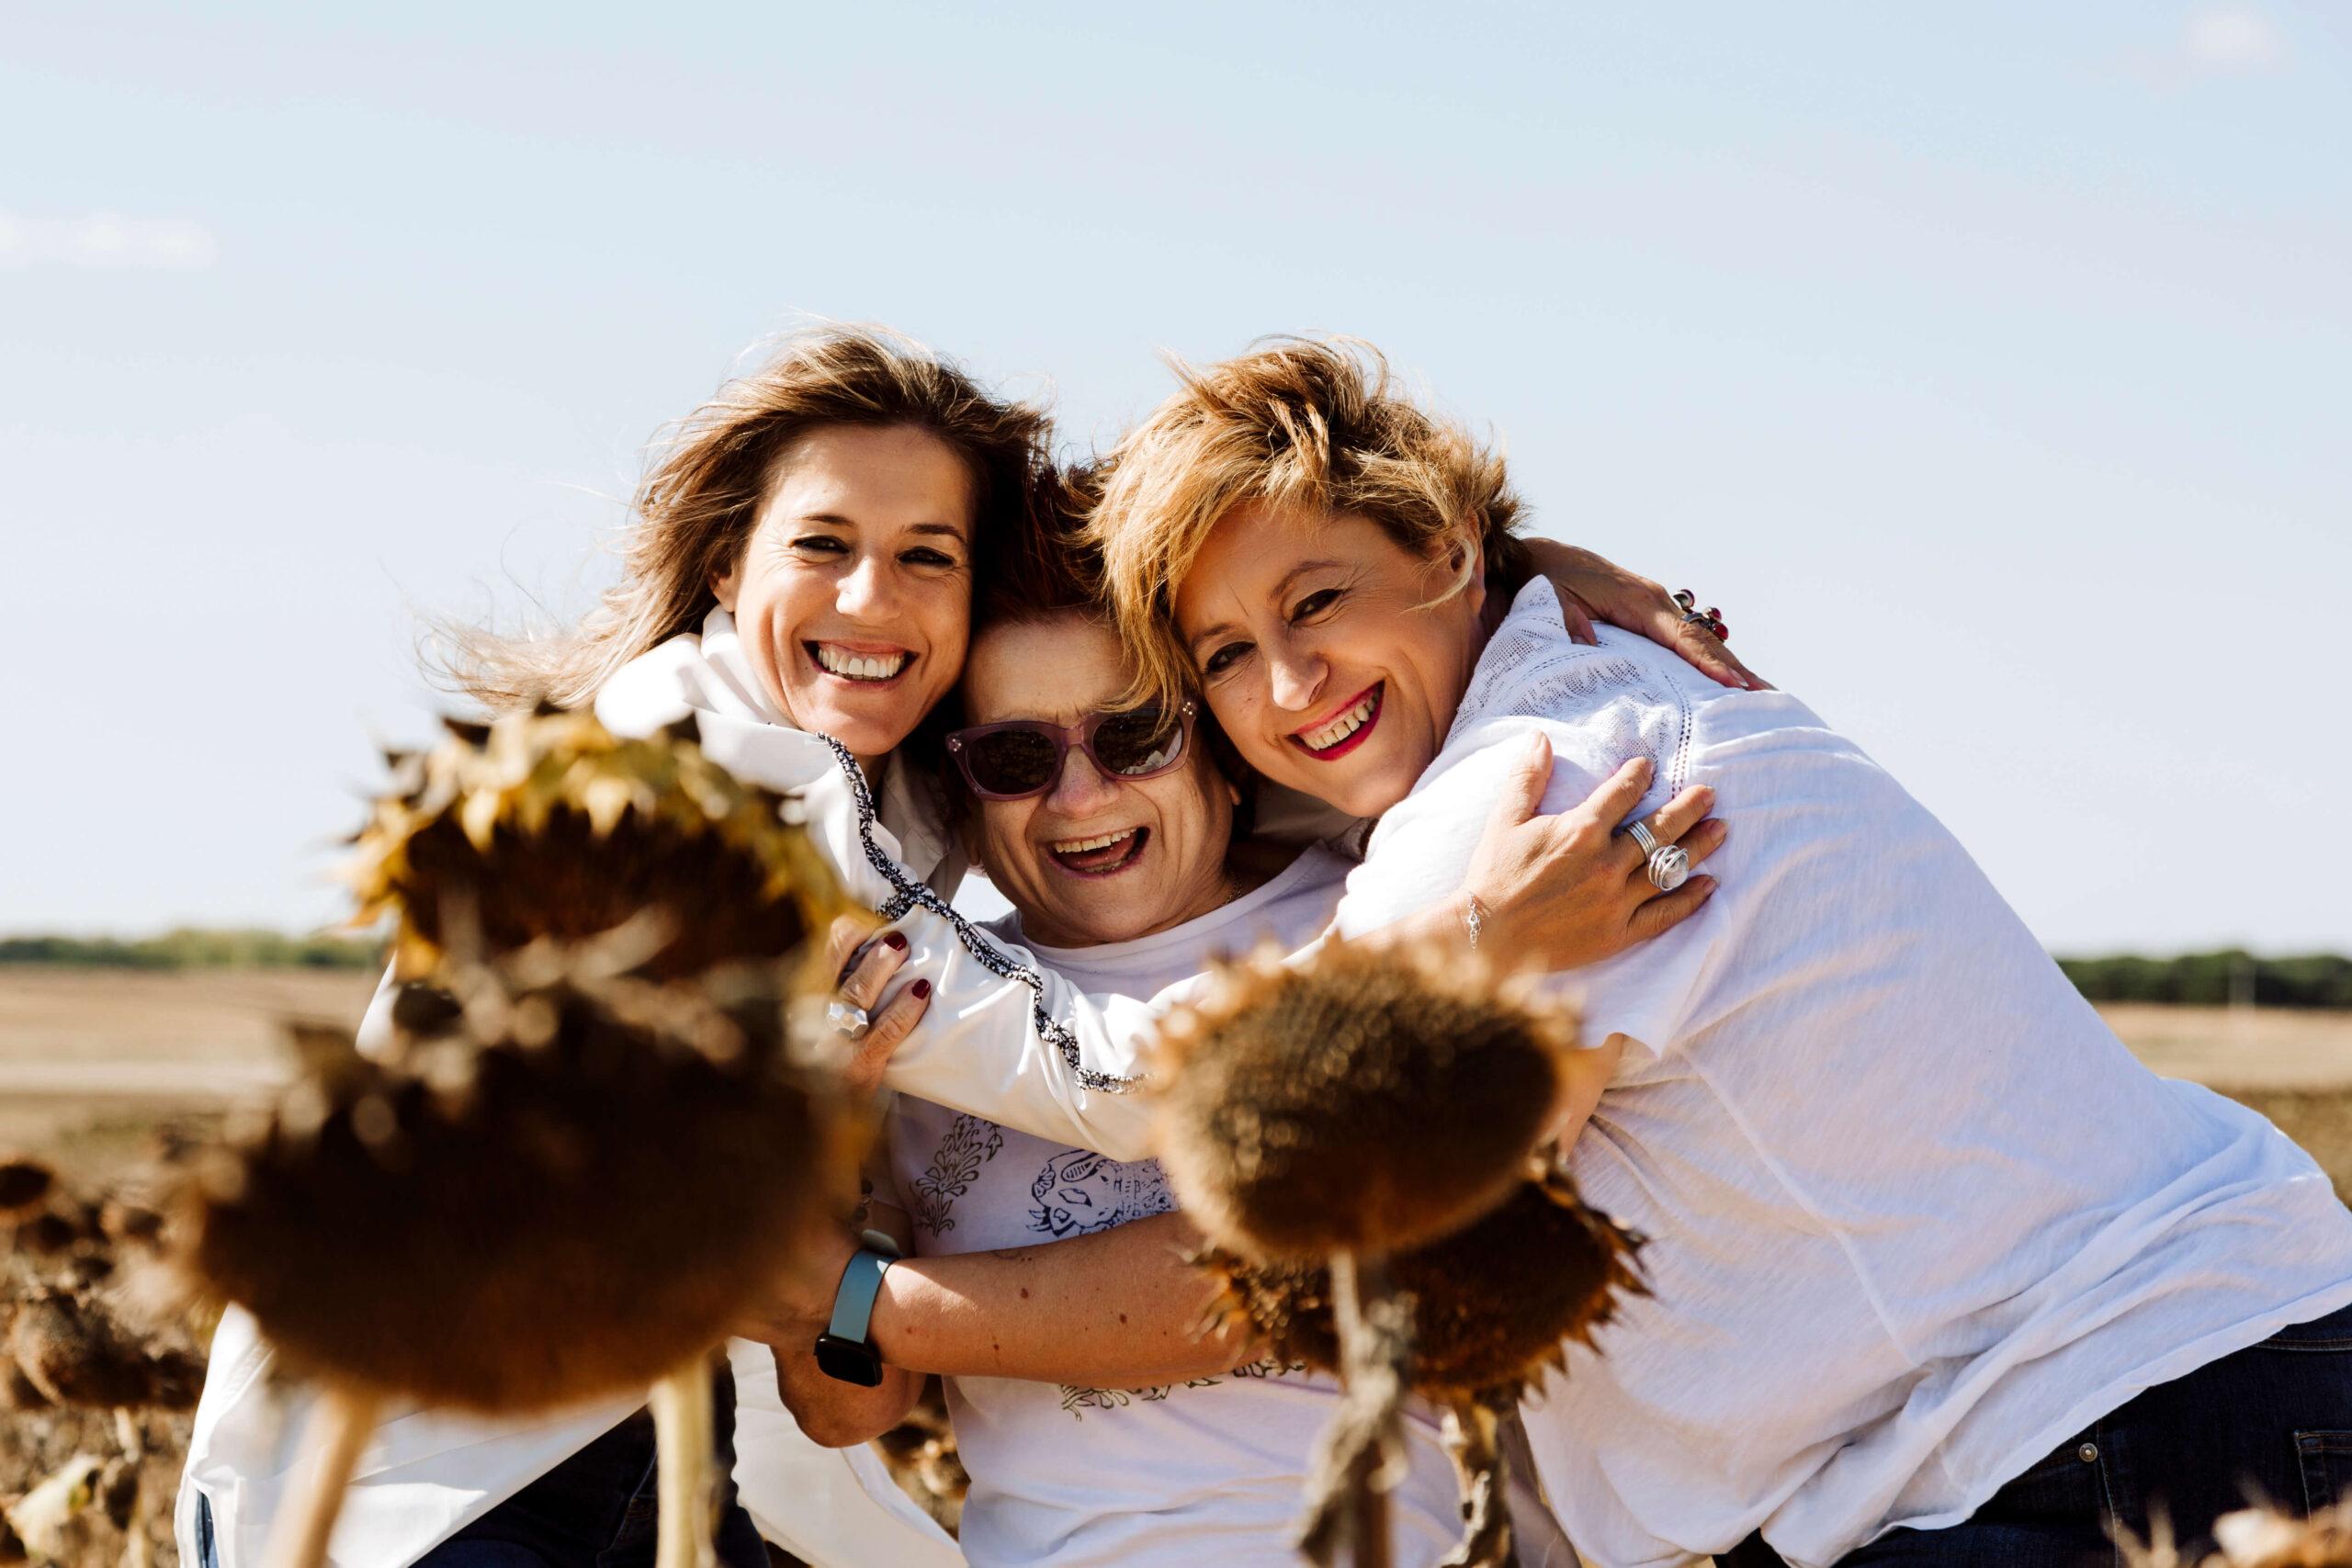 Dos hijas adultas abrazan a su madre. El viento les alborota el pelo